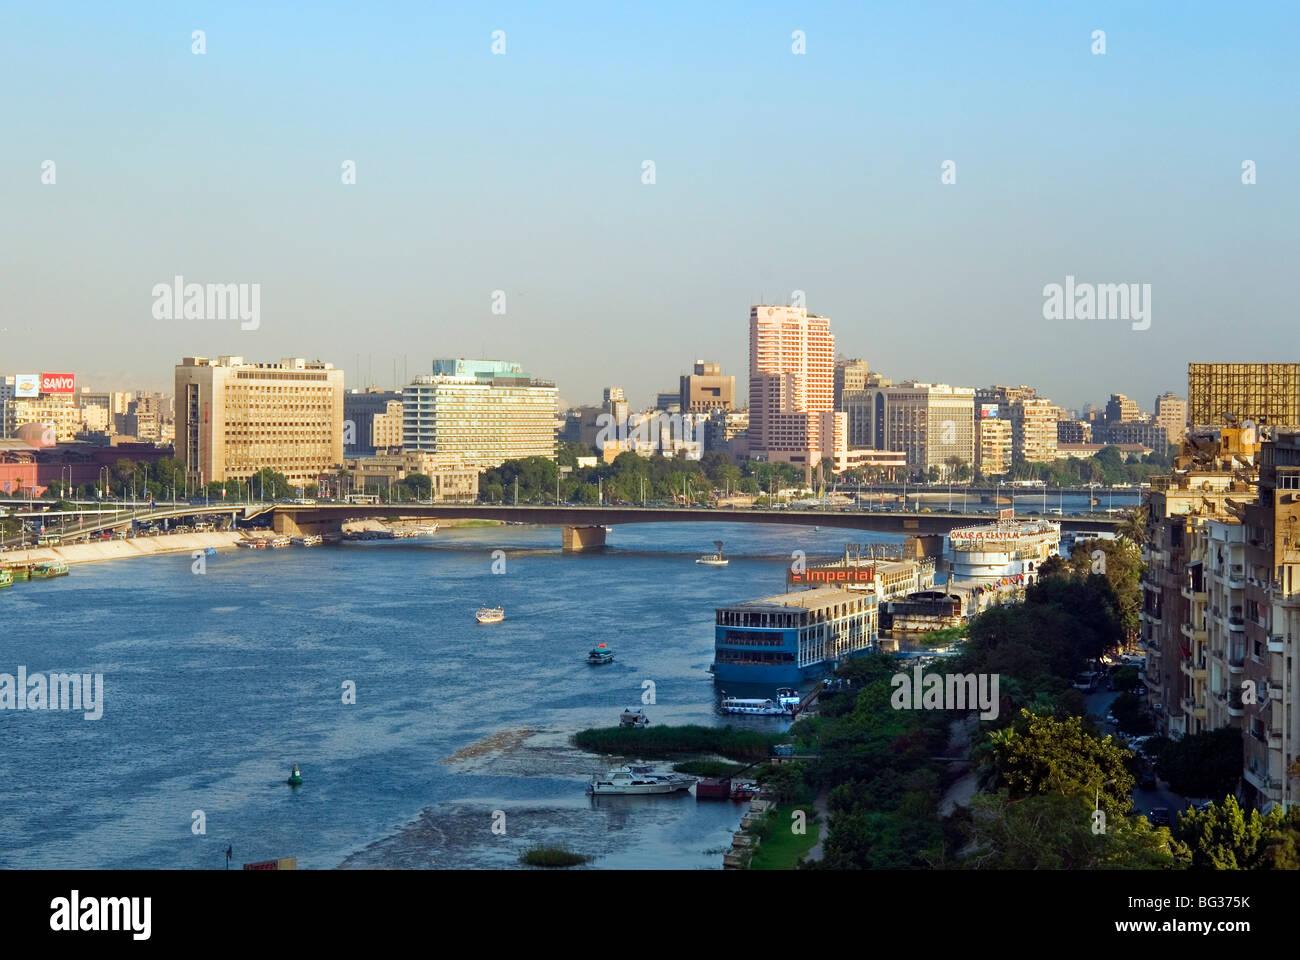 Corniche El Nil, el río Nilo, El Cairo, Egipto, el Norte de África, África Imagen De Stock